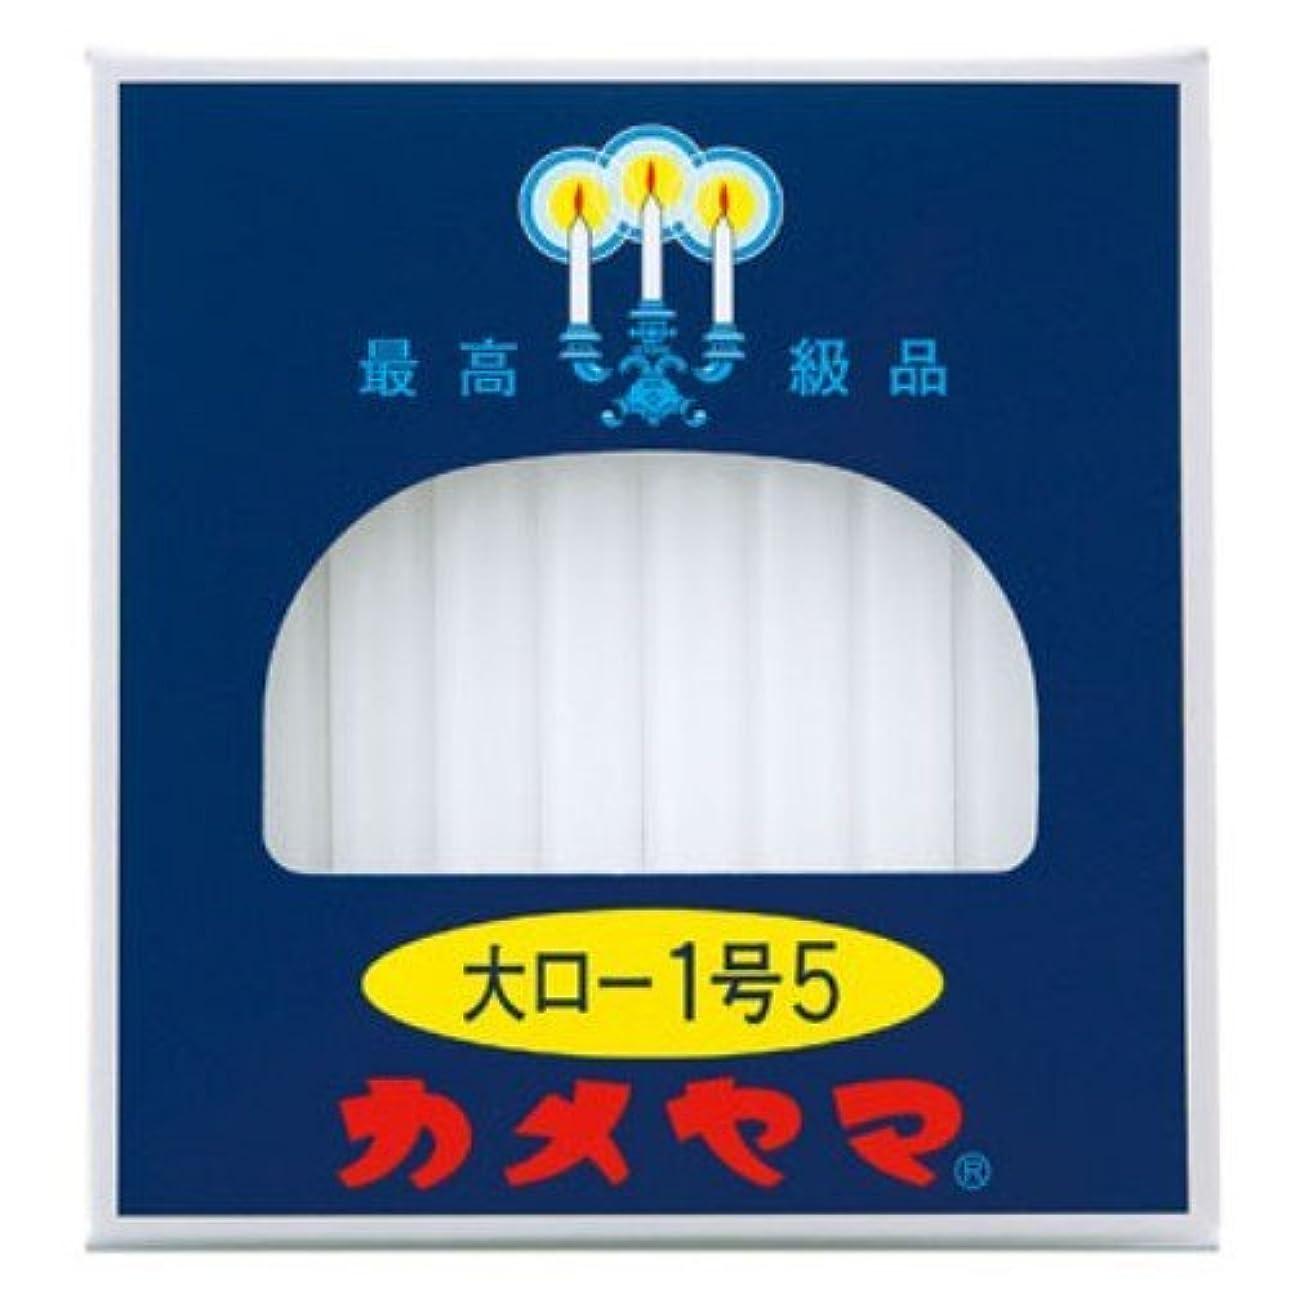 チキンうめき声ラッカスカメヤマ ローソク大1.5号 40入 225G